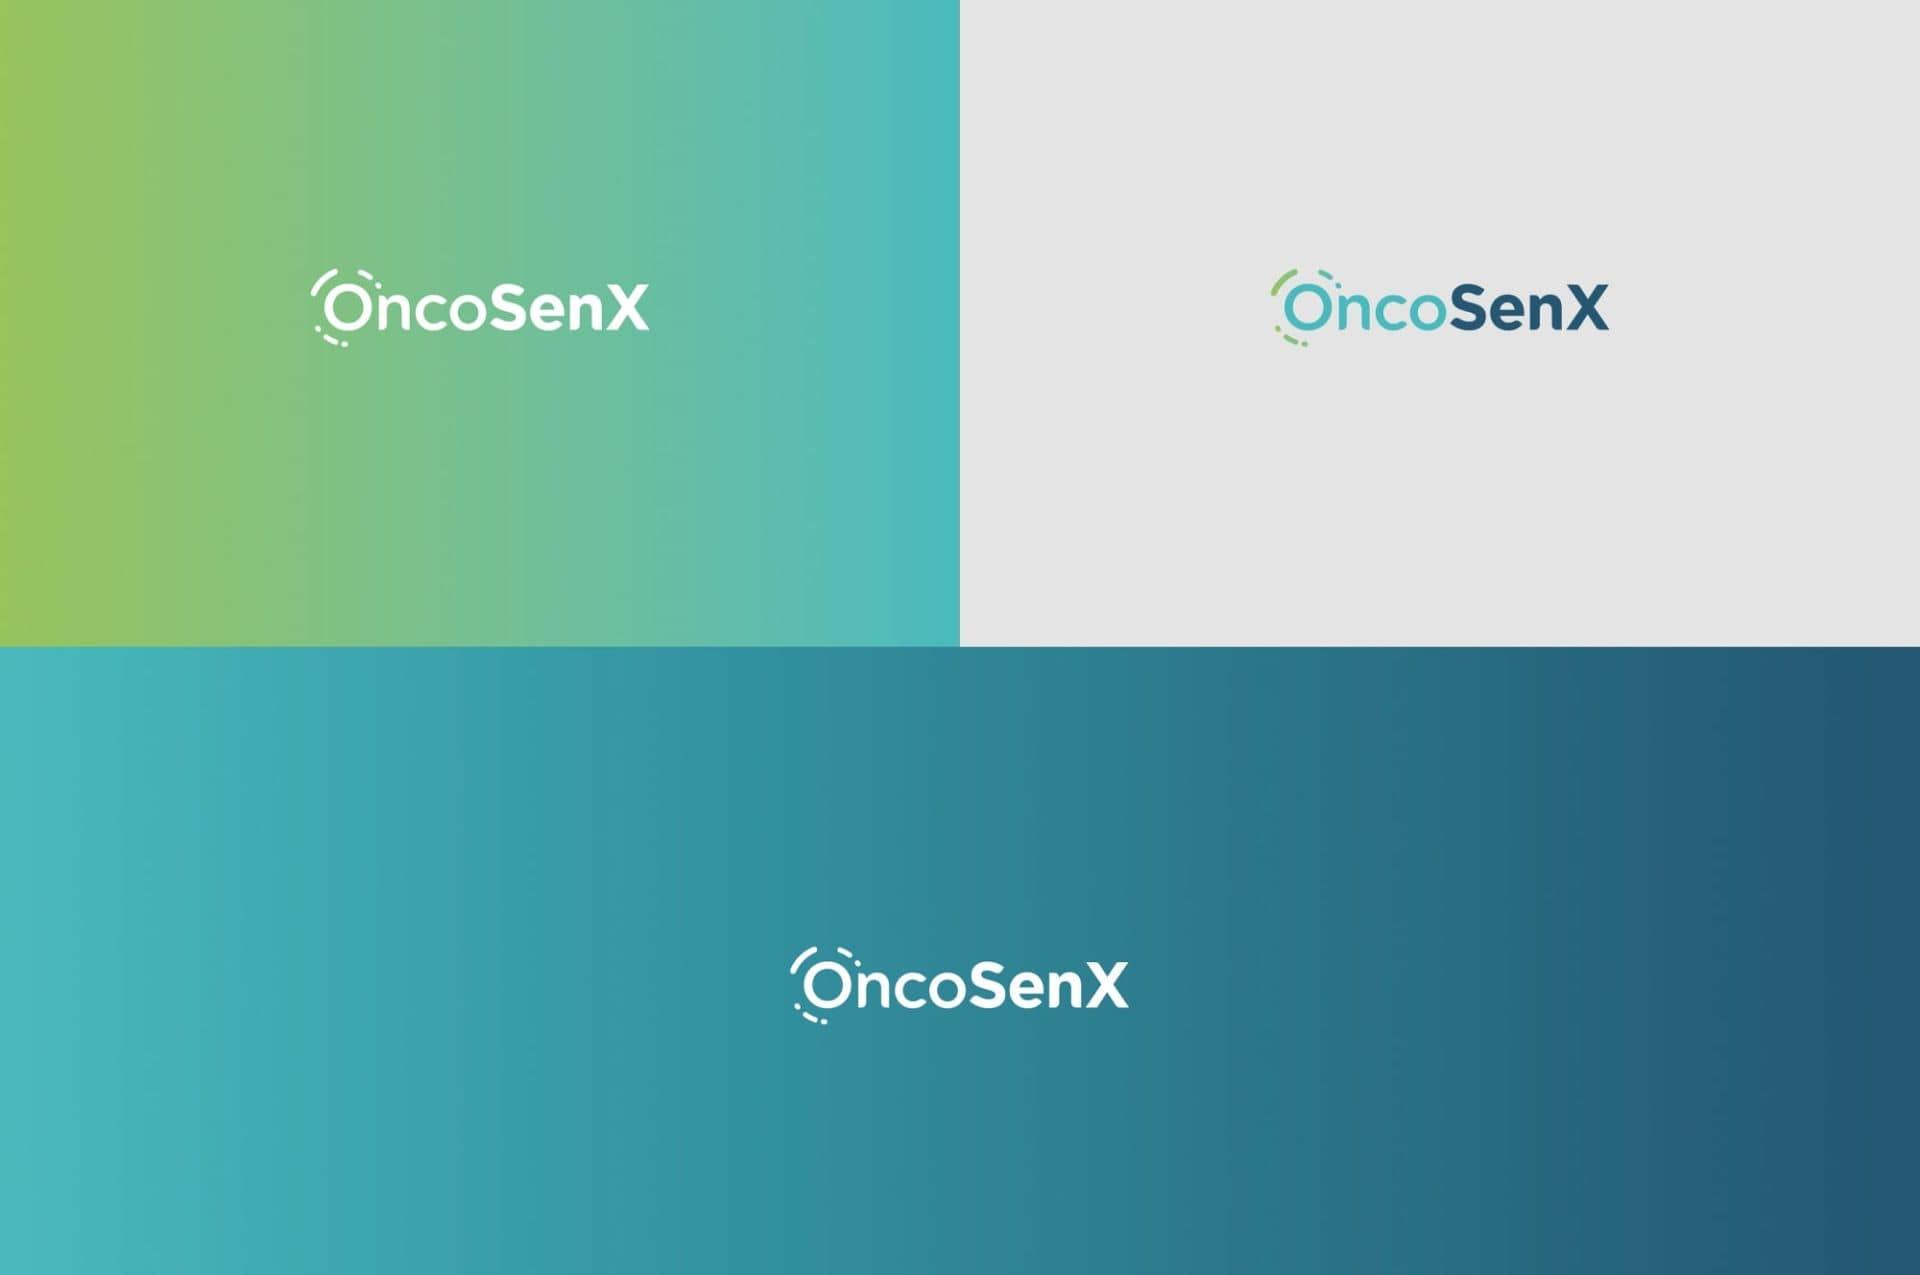 OncoSenX_Logo_Color-scheme